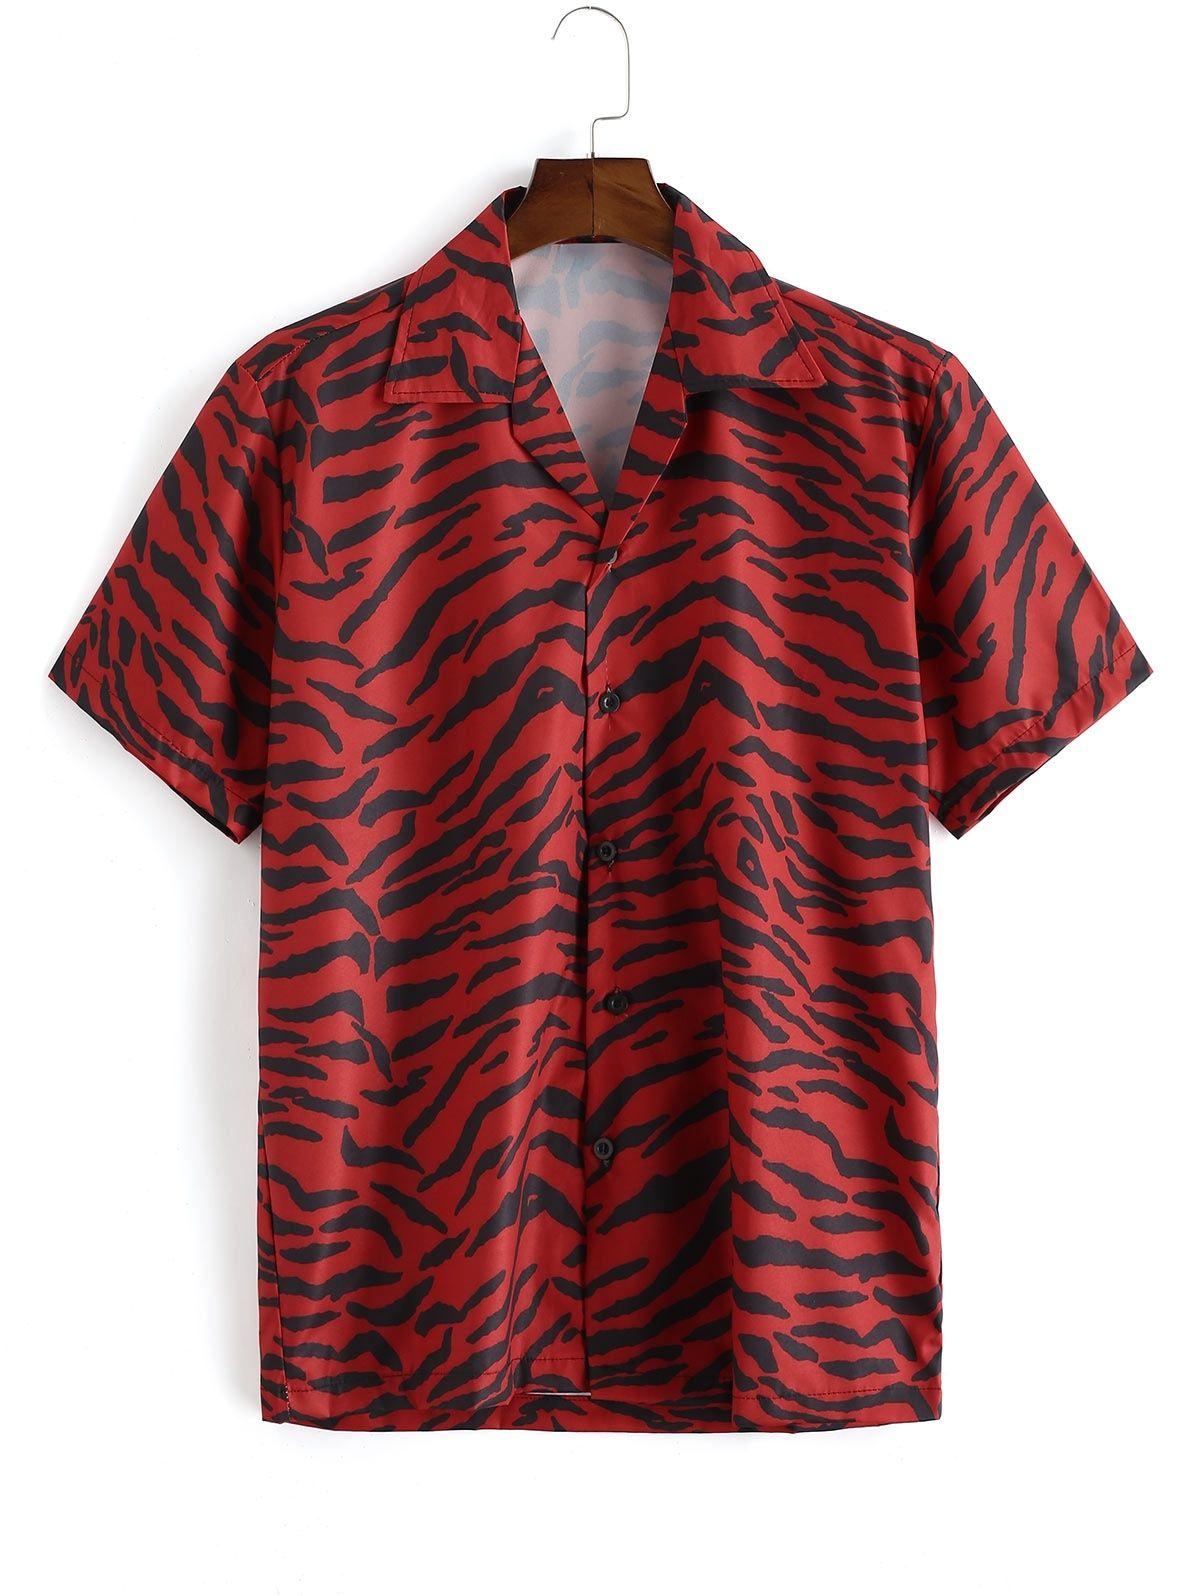 Zebra Print Short Sleeve Button Shirt Lava Red Affiliate Short Sleeve Zebra Print Lava Ad Zebra Shirt Outfit Zebra Shirt Tropical Print Shirt [ 1596 x 1200 Pixel ]